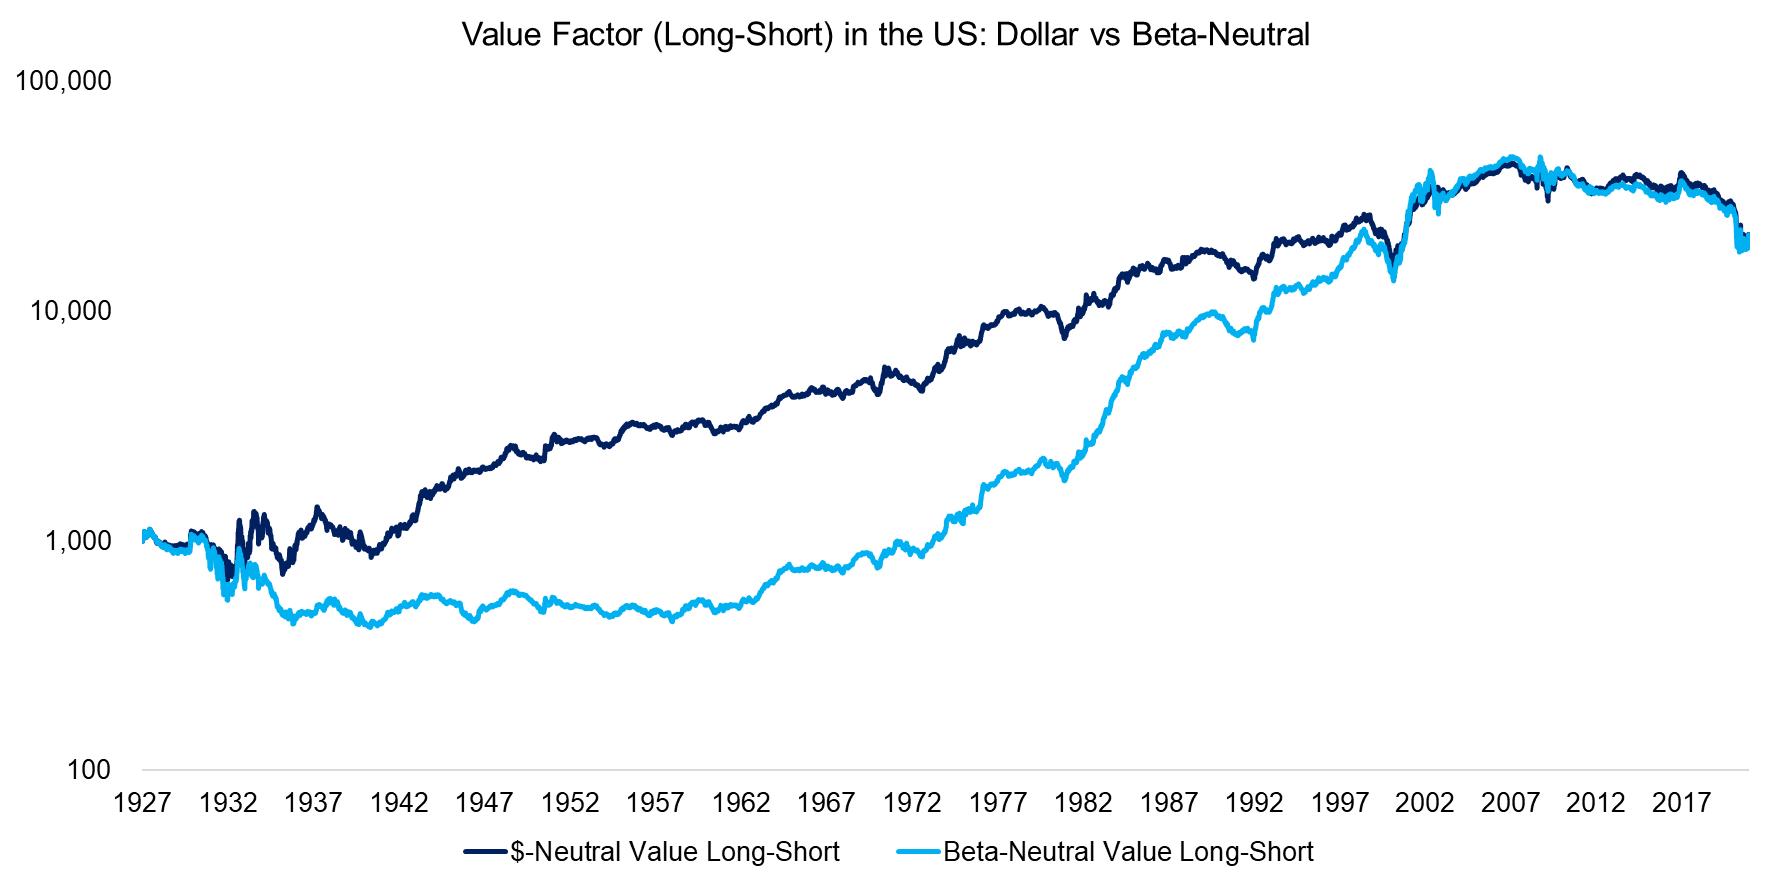 Value Factor (Long-Short) in the US Dollar vs Beta-Neutral